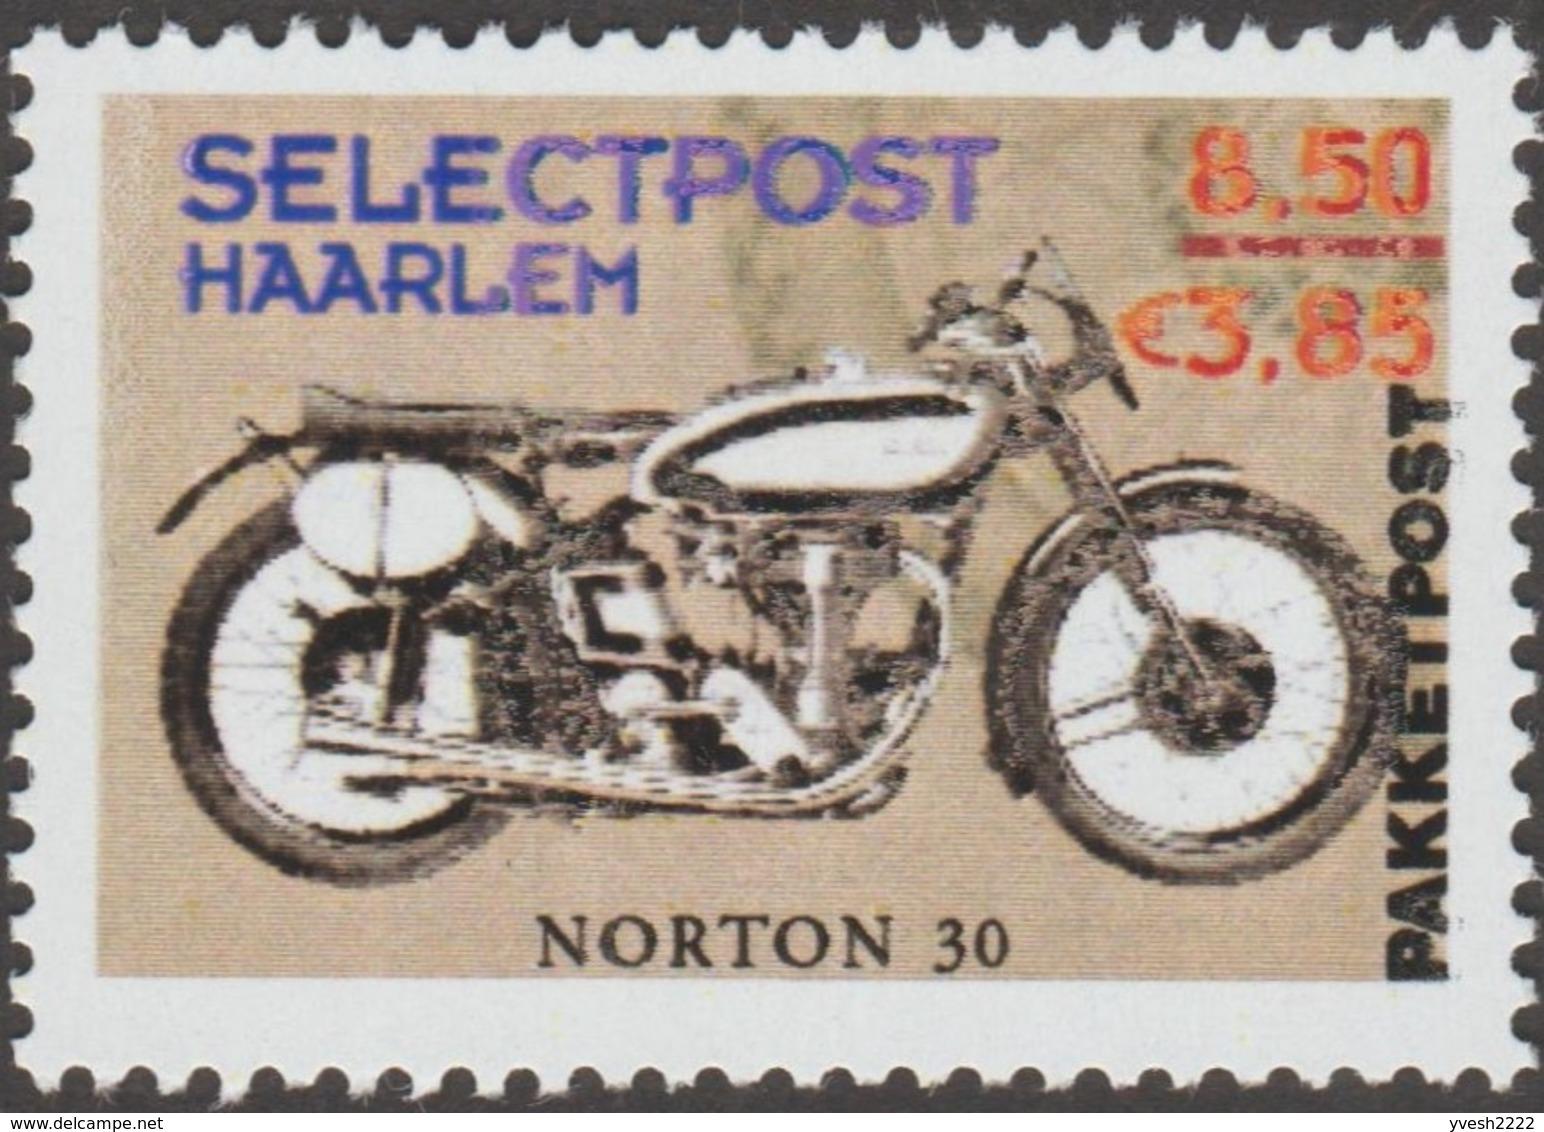 Pays-Bas 2001. Poste Privée Selectpost. Envois De Paquets à Haarlem. Motos Twin Cylinder, BMW Et Norton - Motorbikes